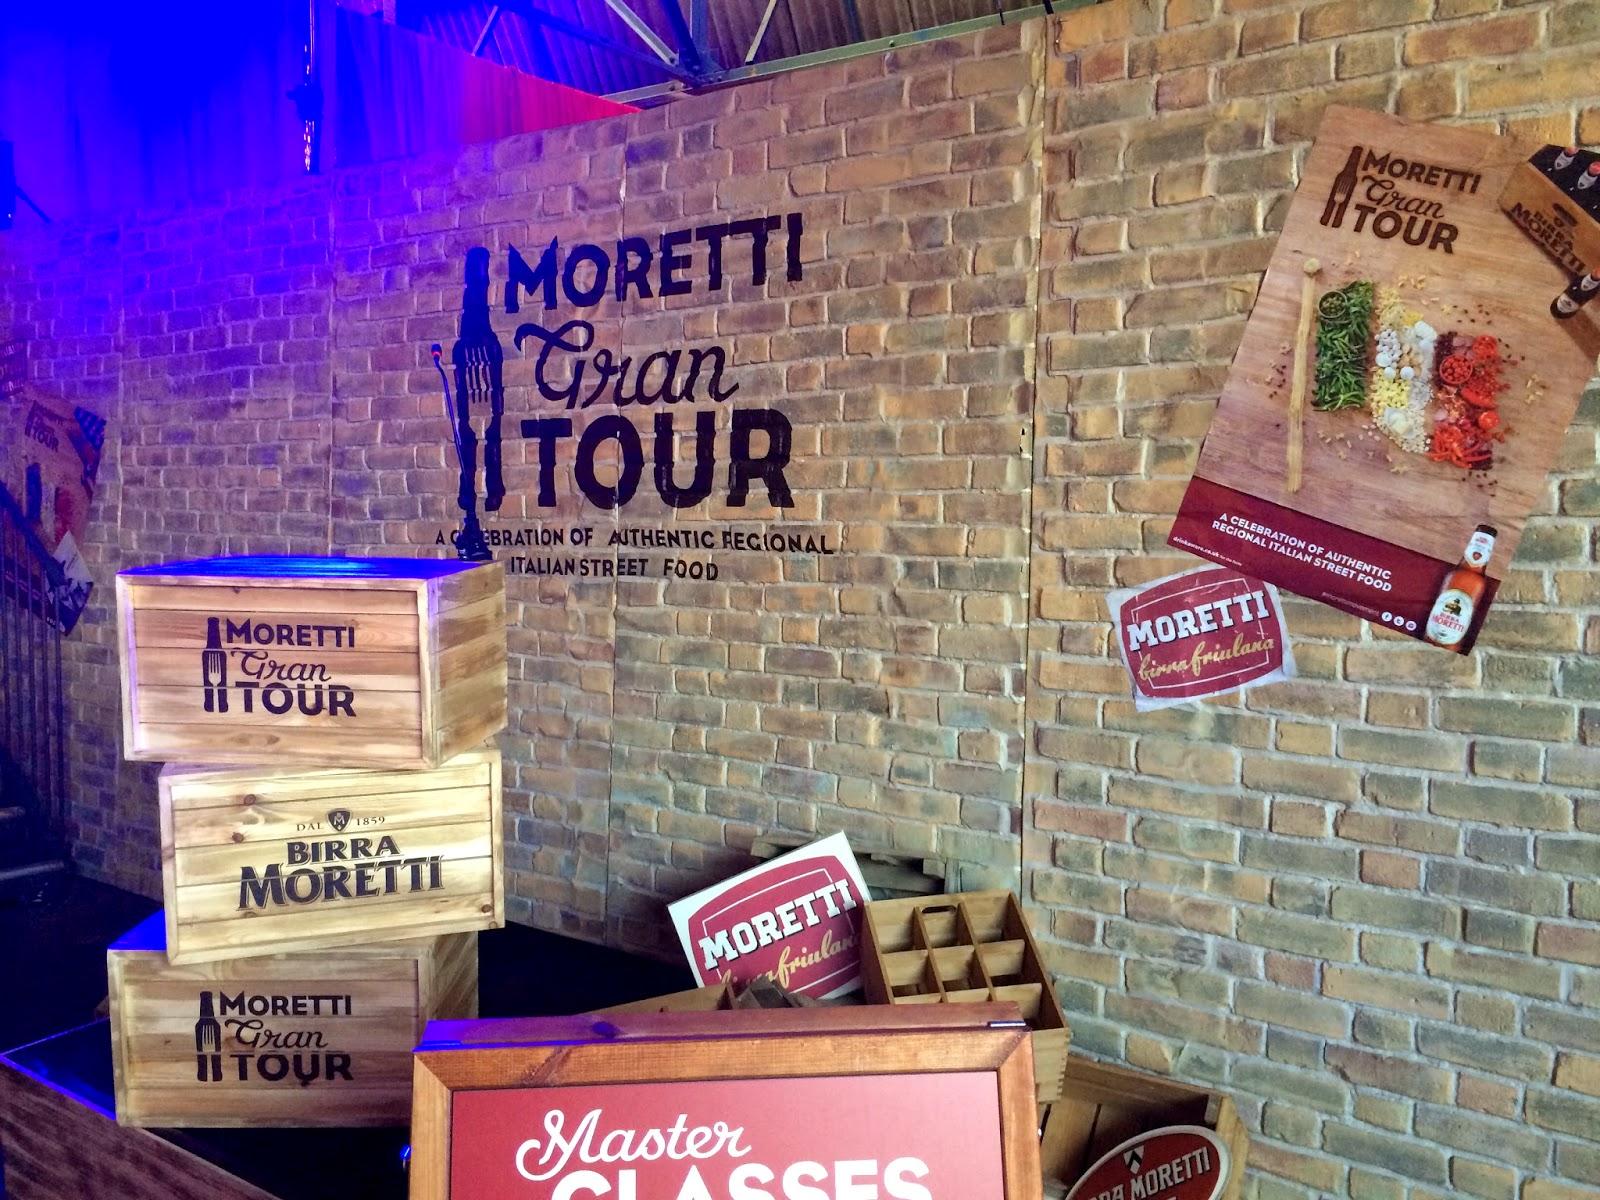 moretti-gran-tour-wall-1.jpg